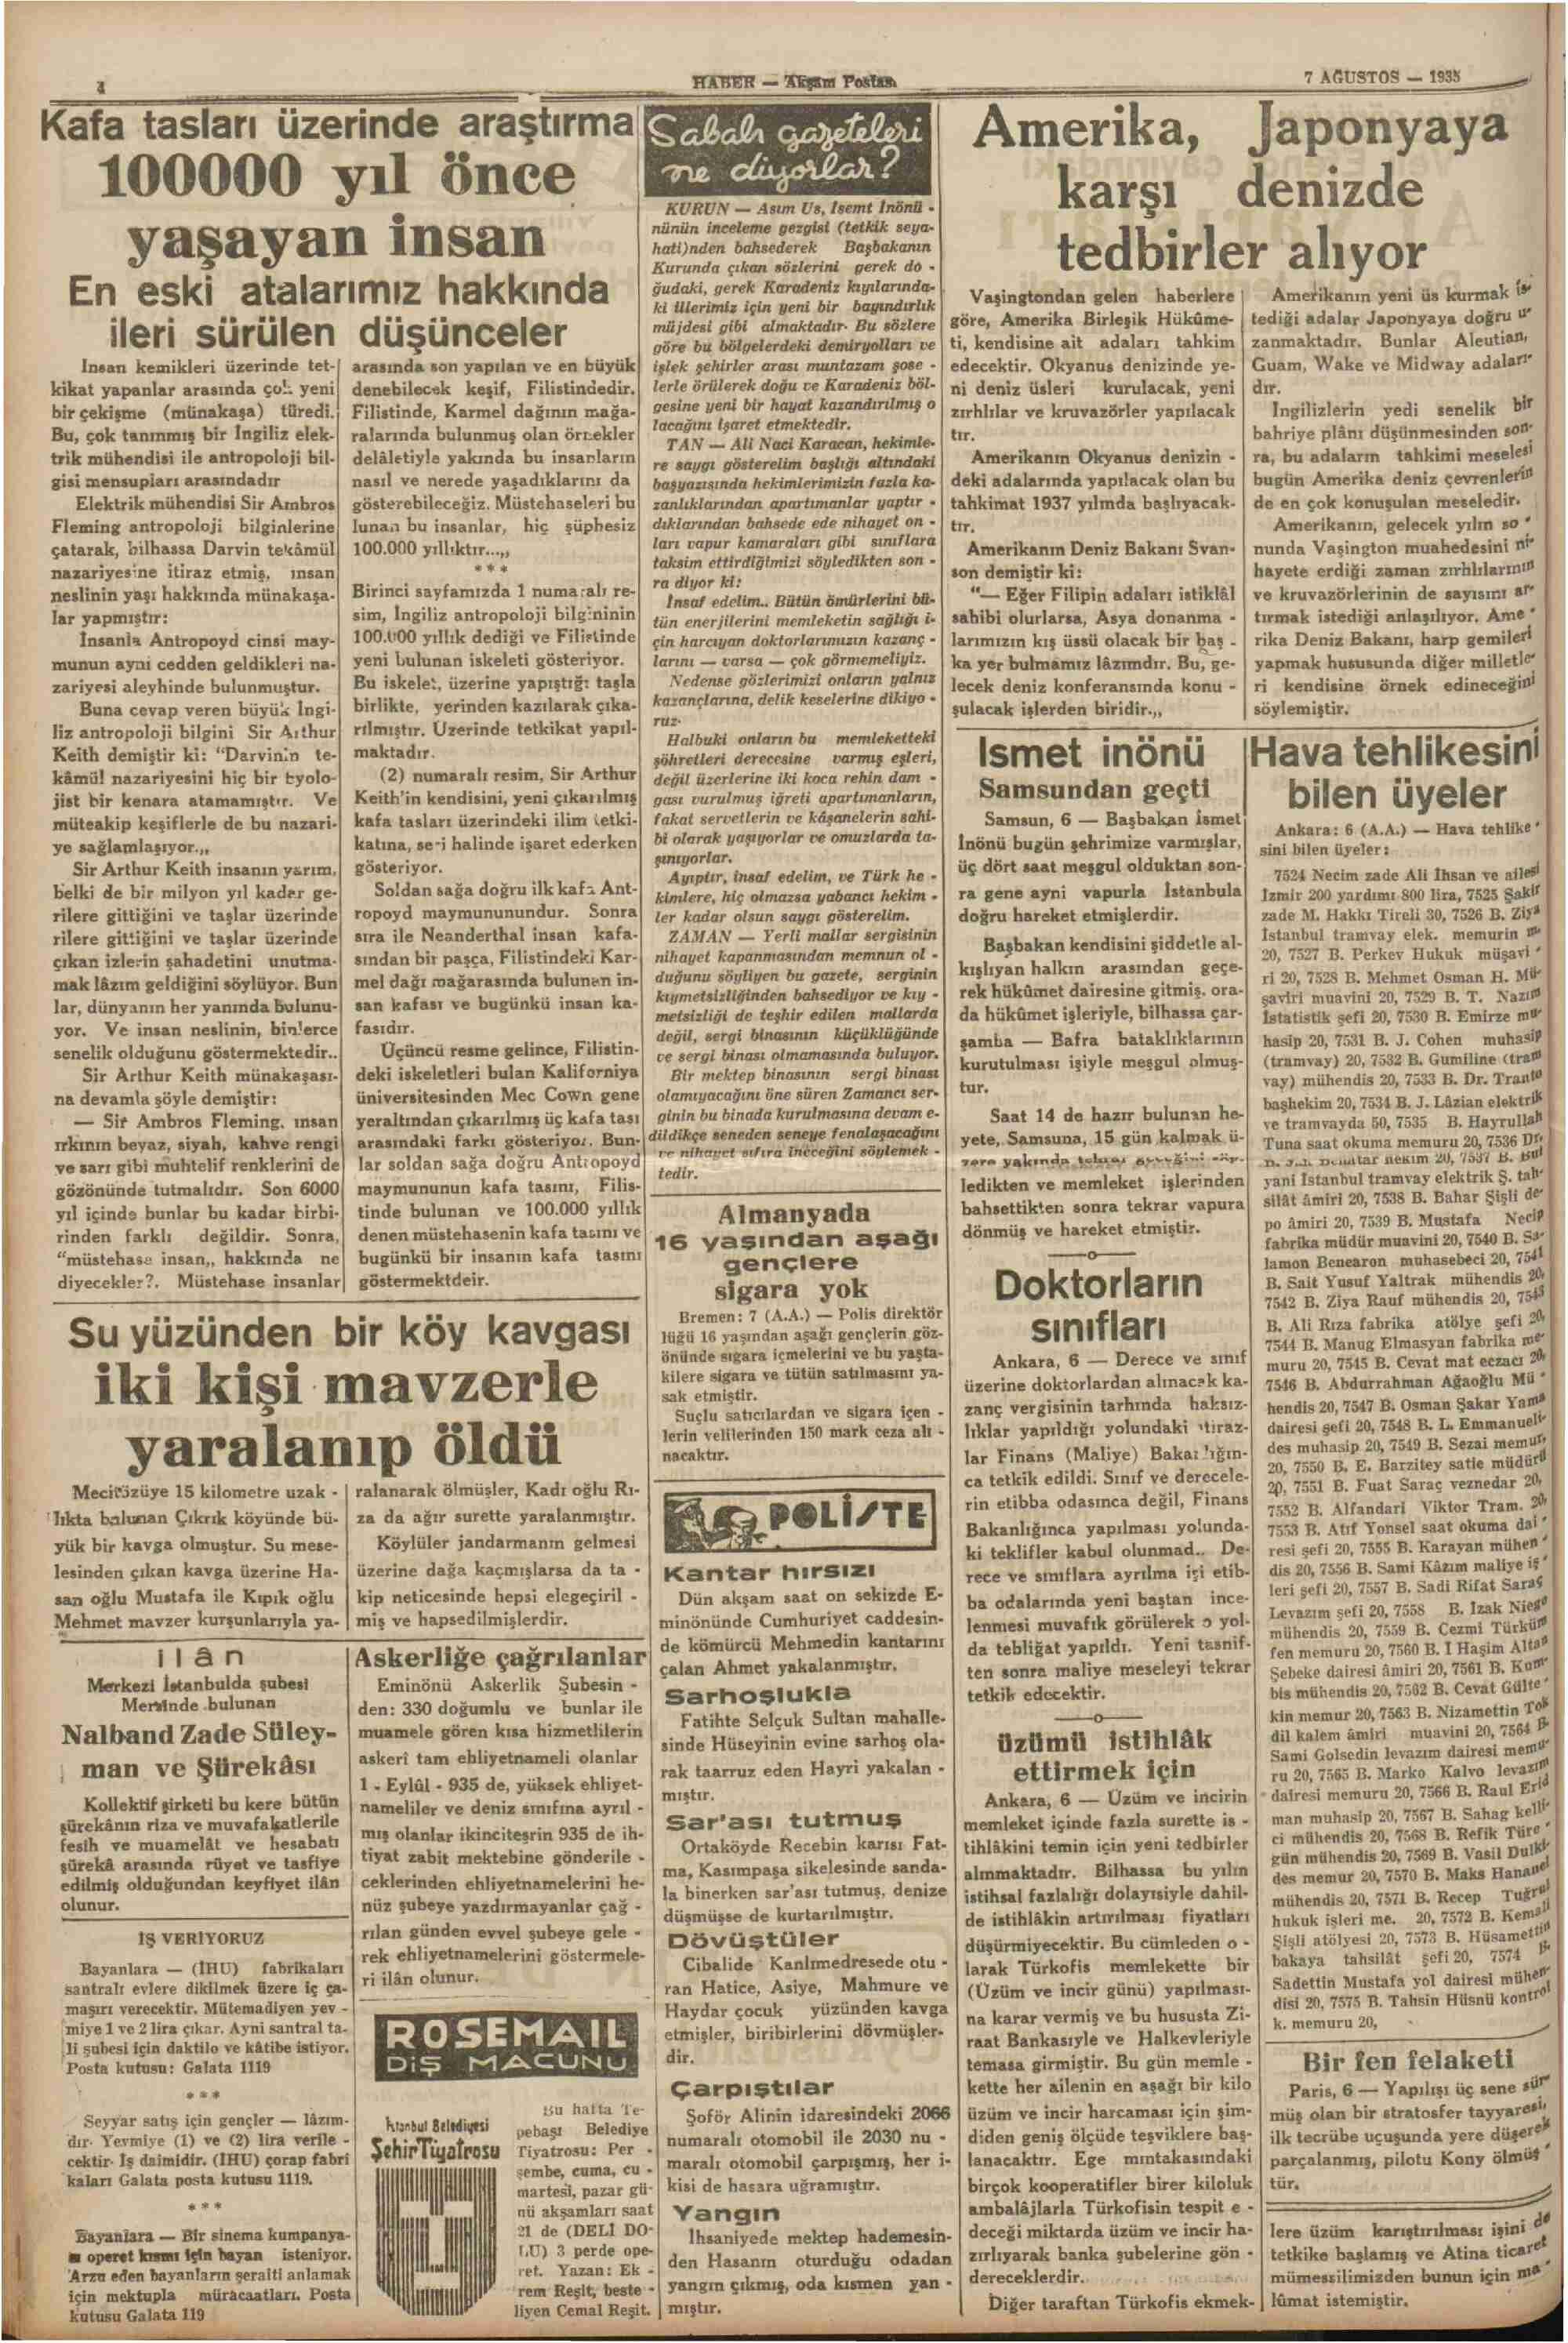 7 Ağustos 1935 Tarihli Haber Gazetesi Sayfa 4